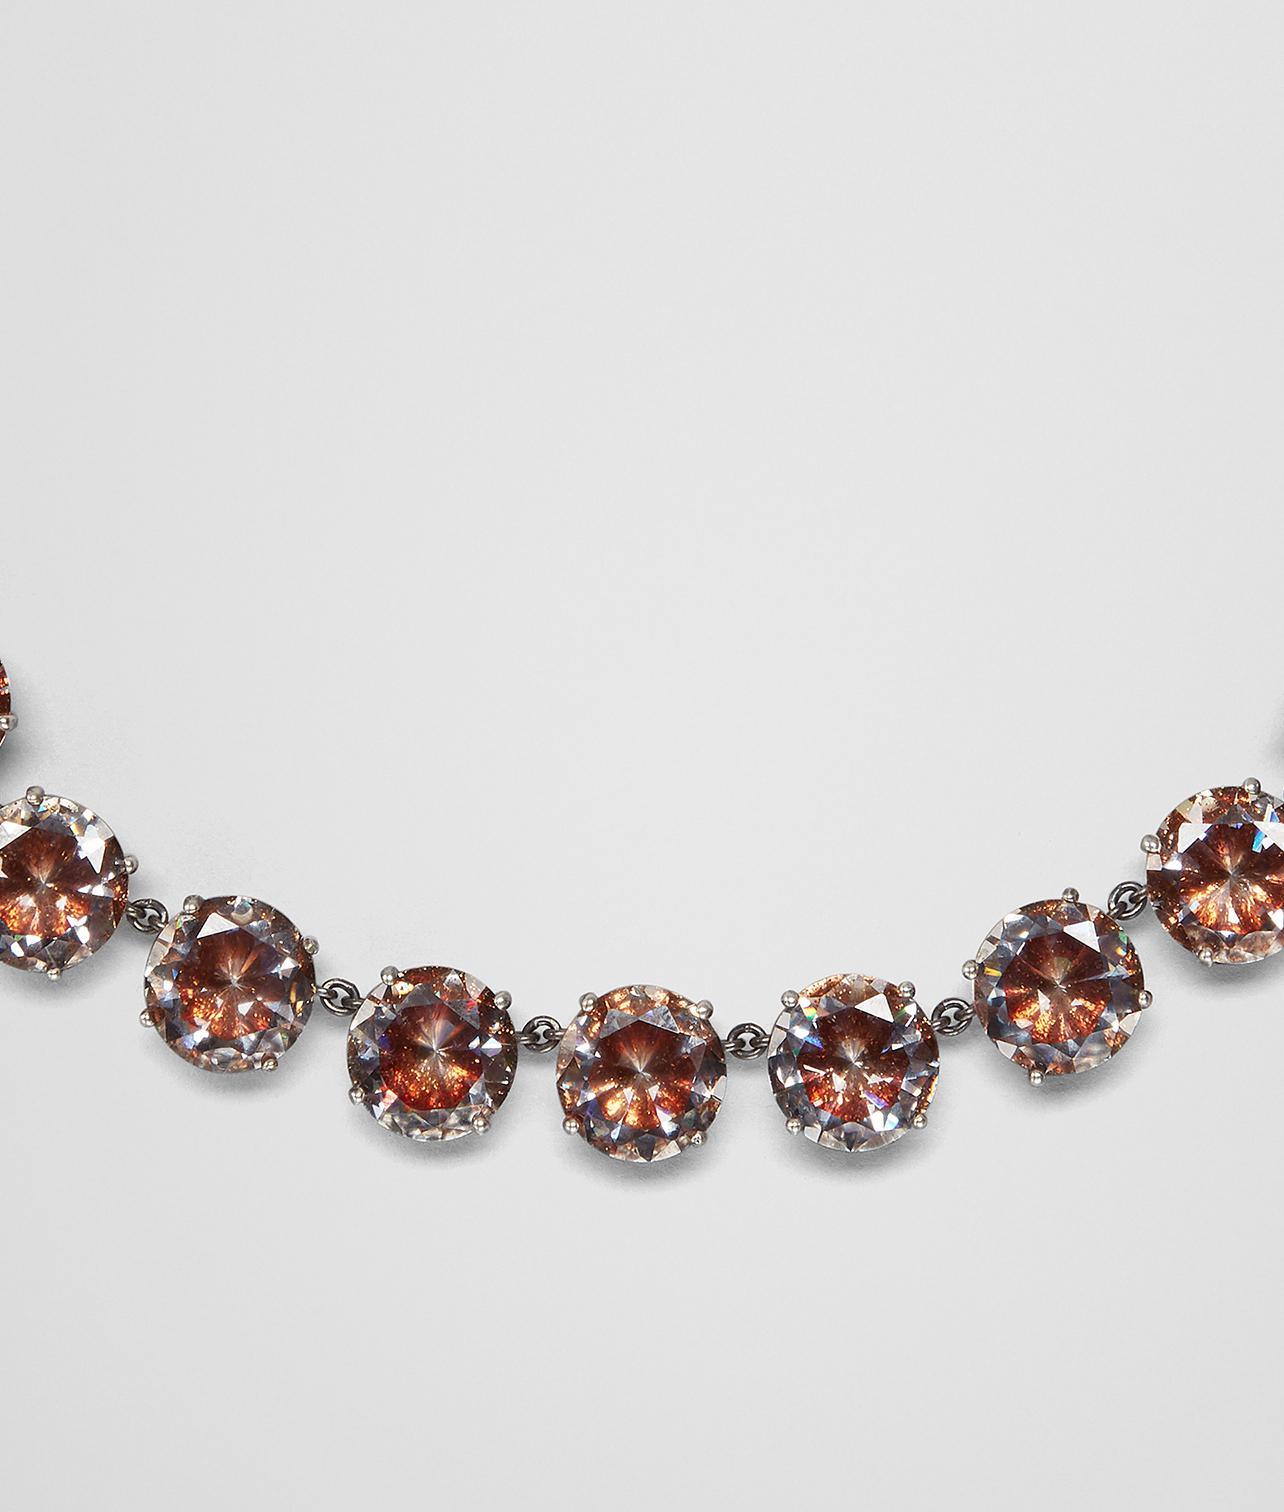 Bottega Veneta Brown Cubic Zirconia Silver Necklace Brown MzCo8nT